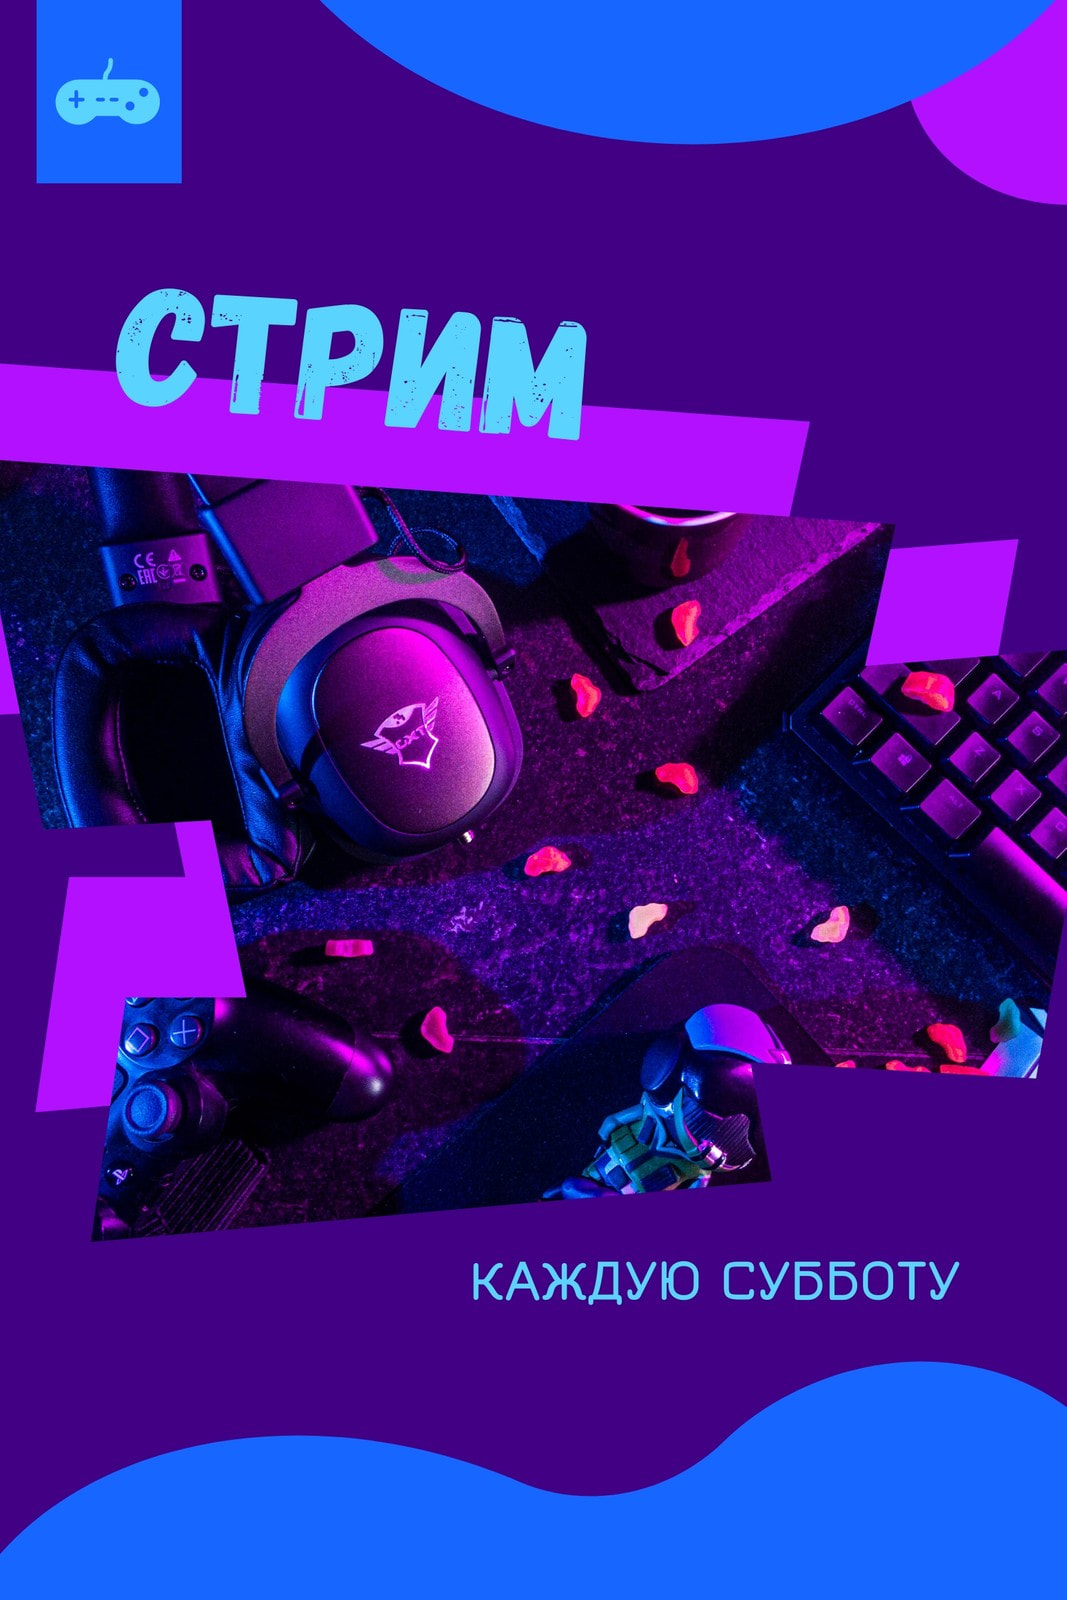 Синее и фиолетовое изображение профиля ВК с геометрическим рисунком